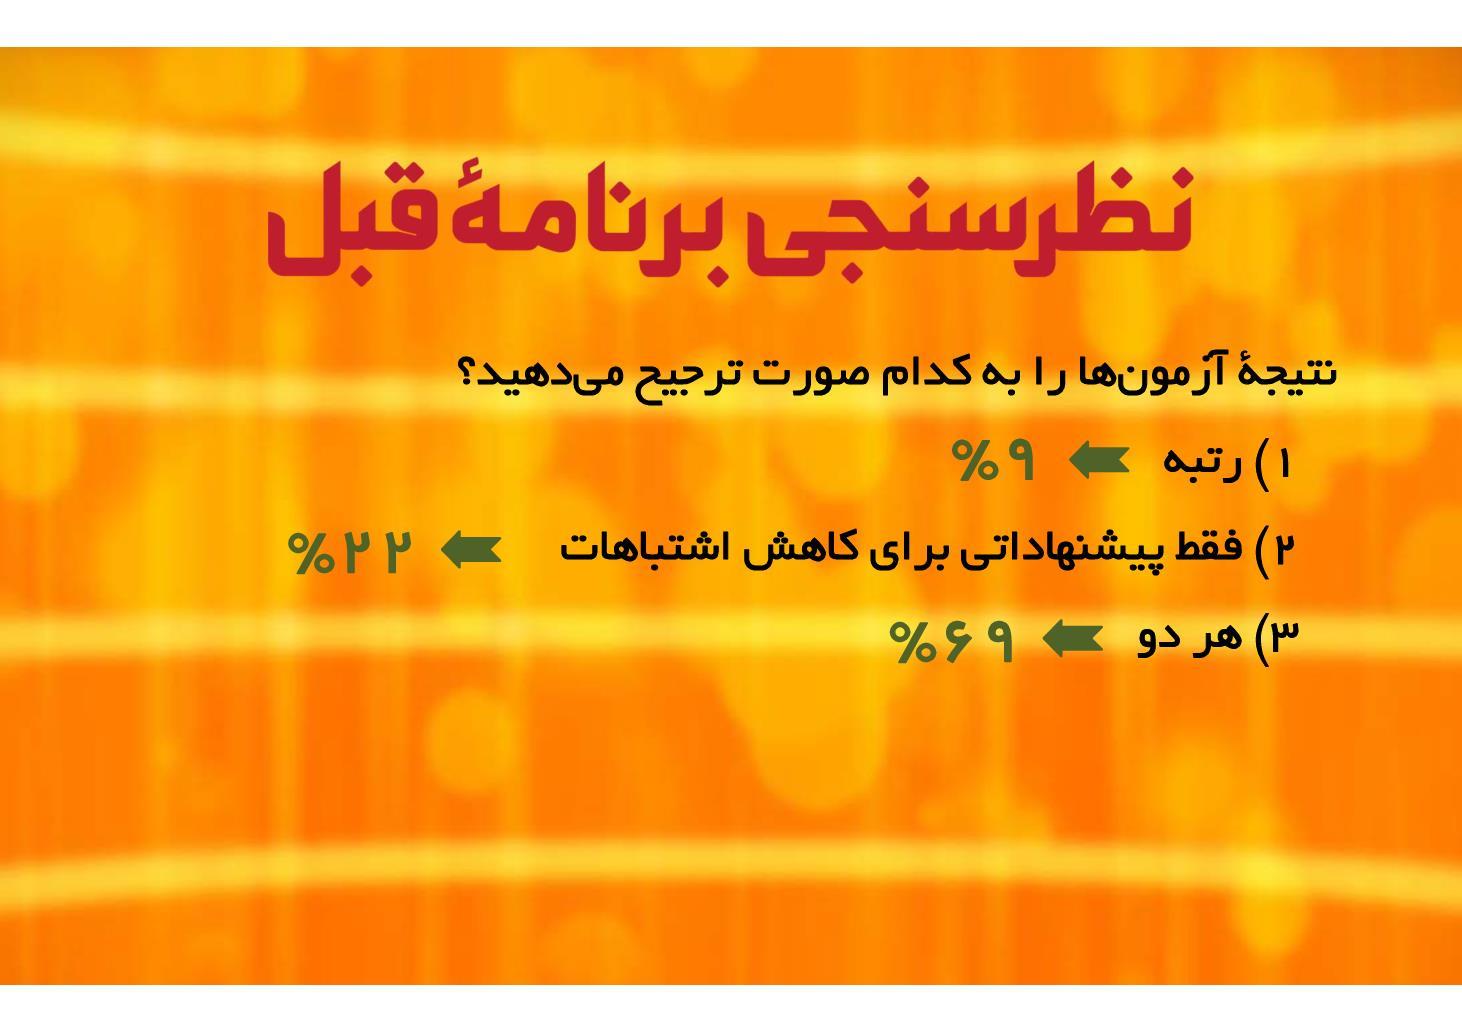 گزینه جوان / 14 بهمن : استراتژی مطالعه دروس در بهمن و اسفند (PDF)